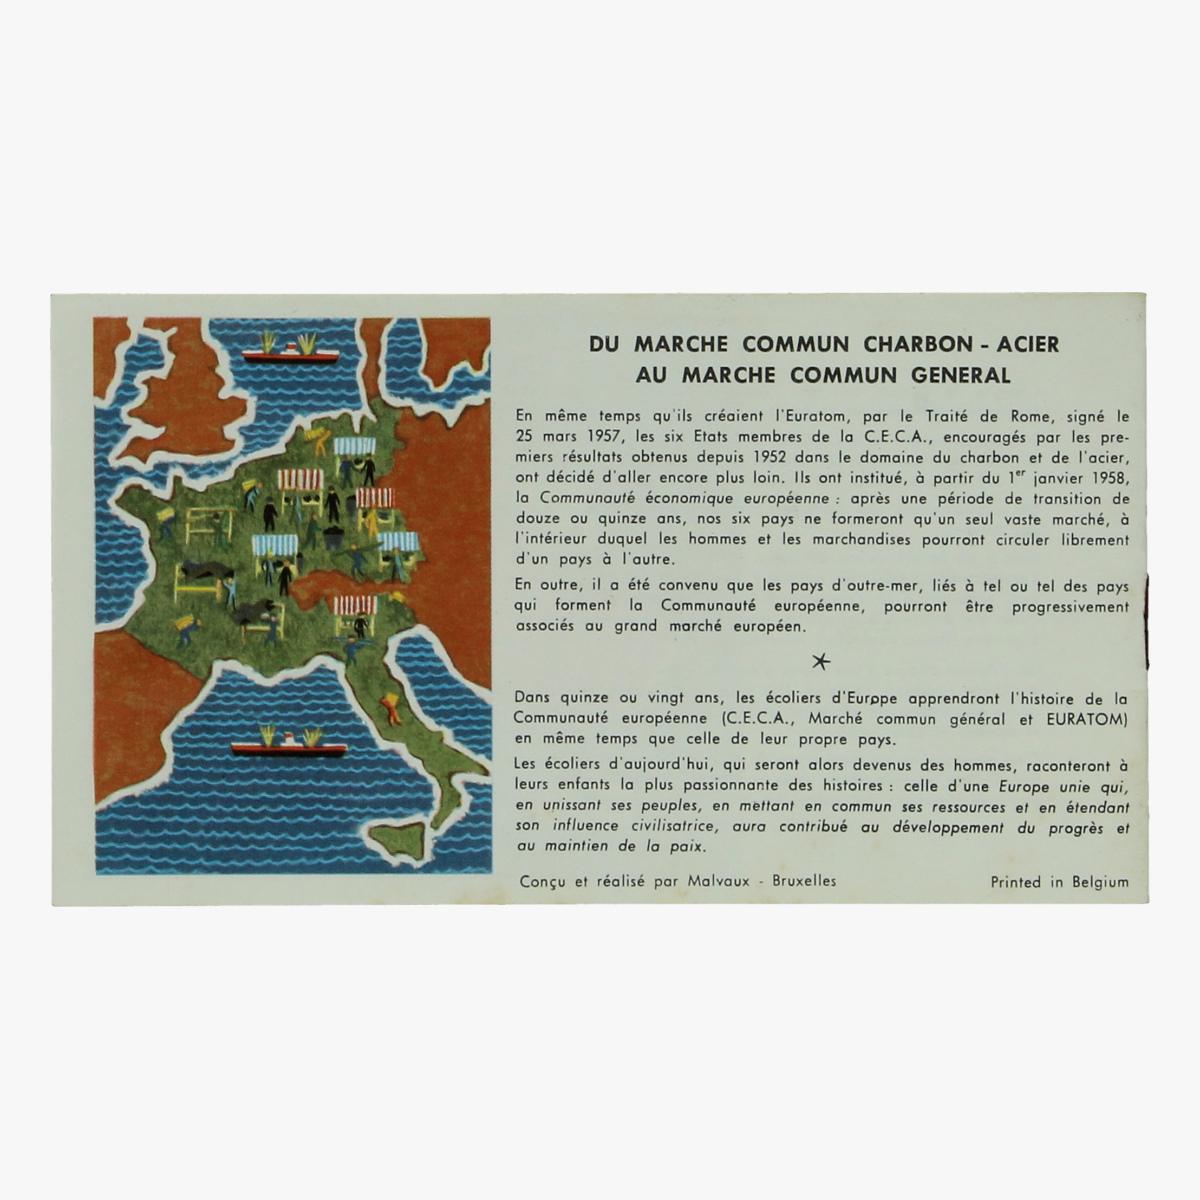 Afbeeldingen van expo 58 folder l'homme le carbon l'acier l' europe